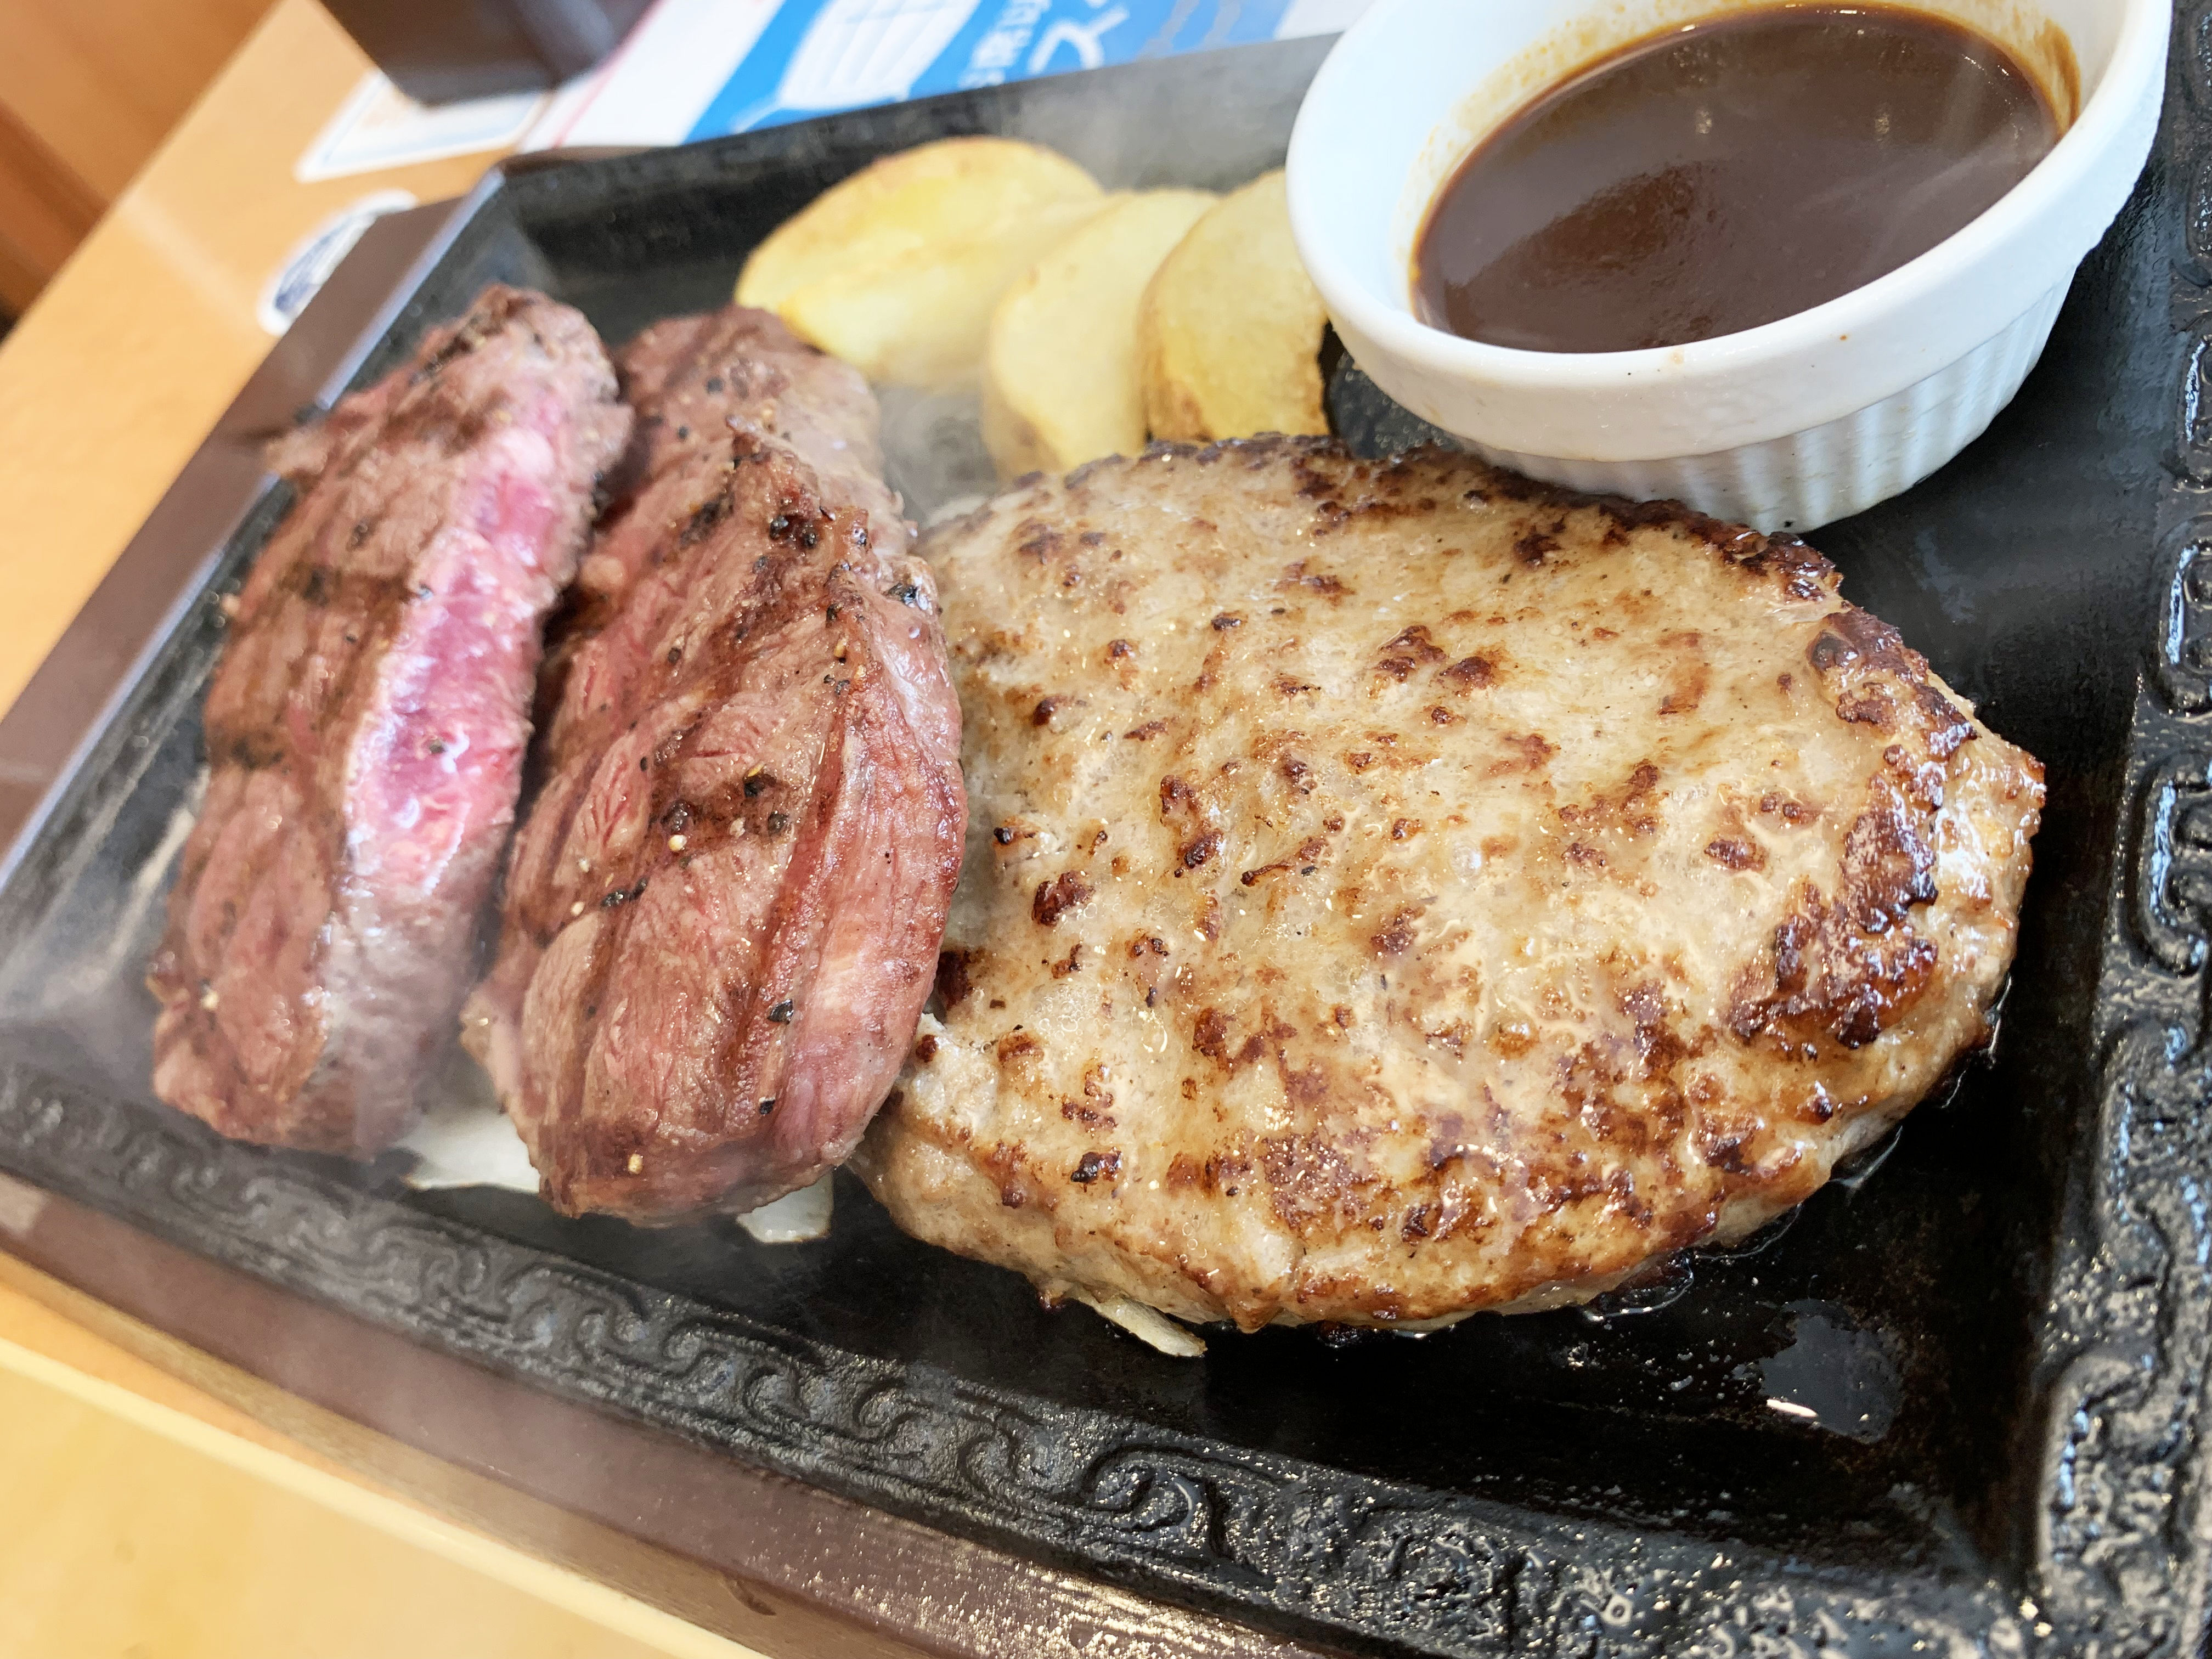 ハンバーグ1枚無料! ステーキガストの「肉の日メニュー」を食べてきた / 次はいつ? 広報に聞いてみたらギリギリなことが判明